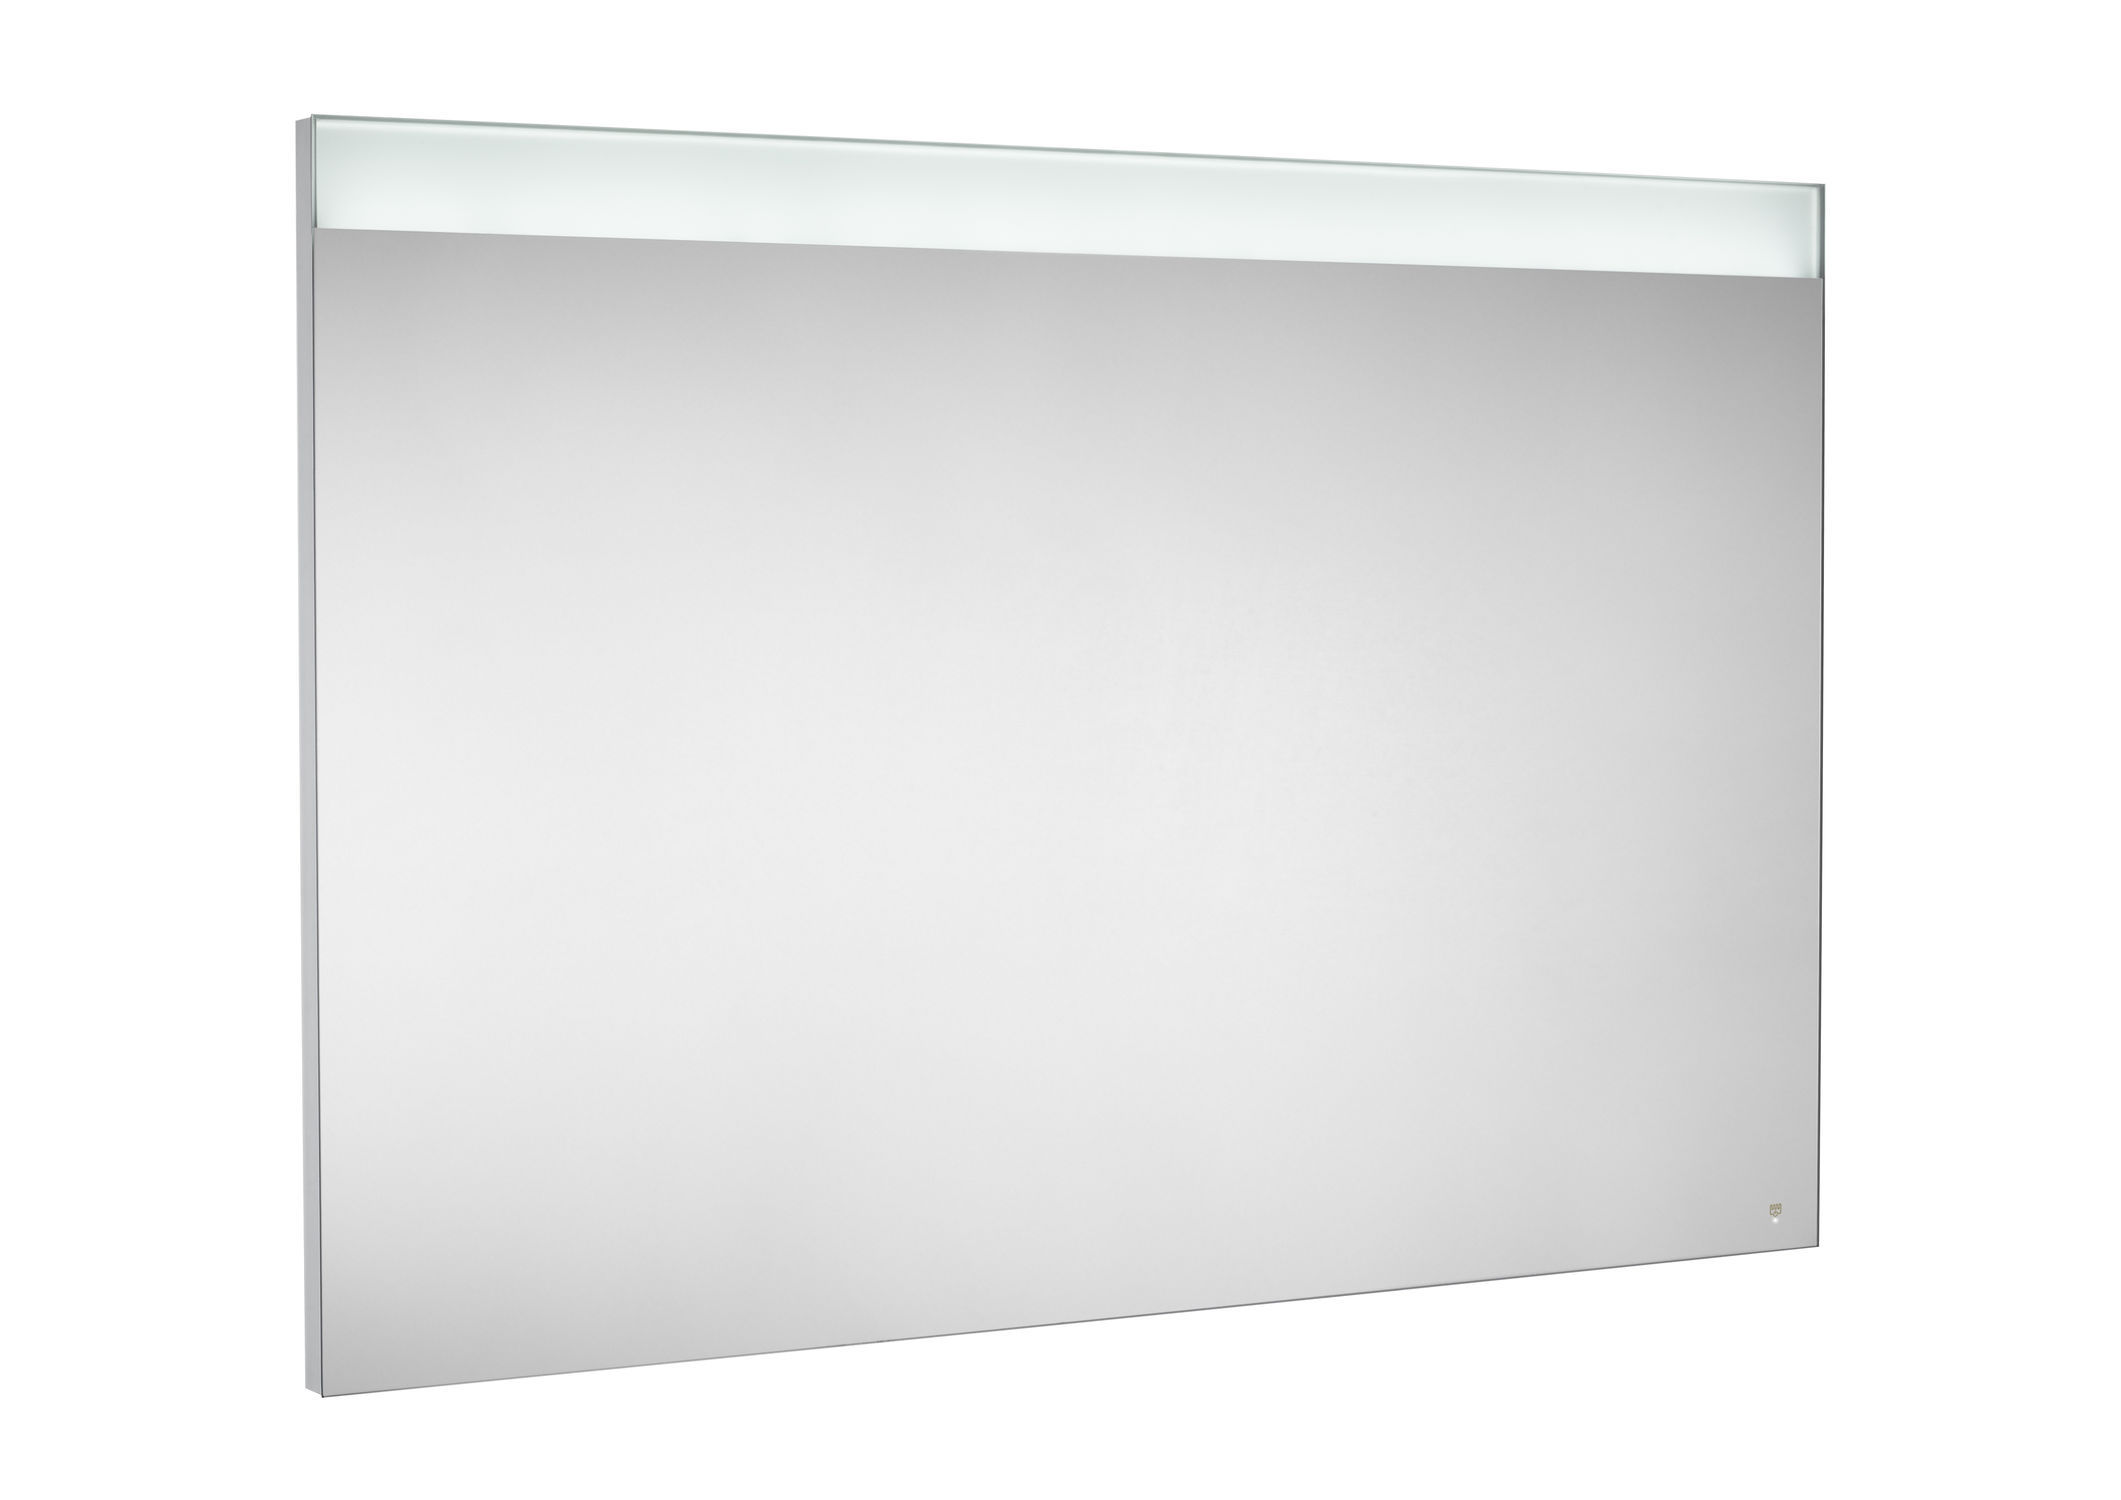 Wall Mounted Mirror Contemporary Rectangular Bathroom PRISMA ROCA